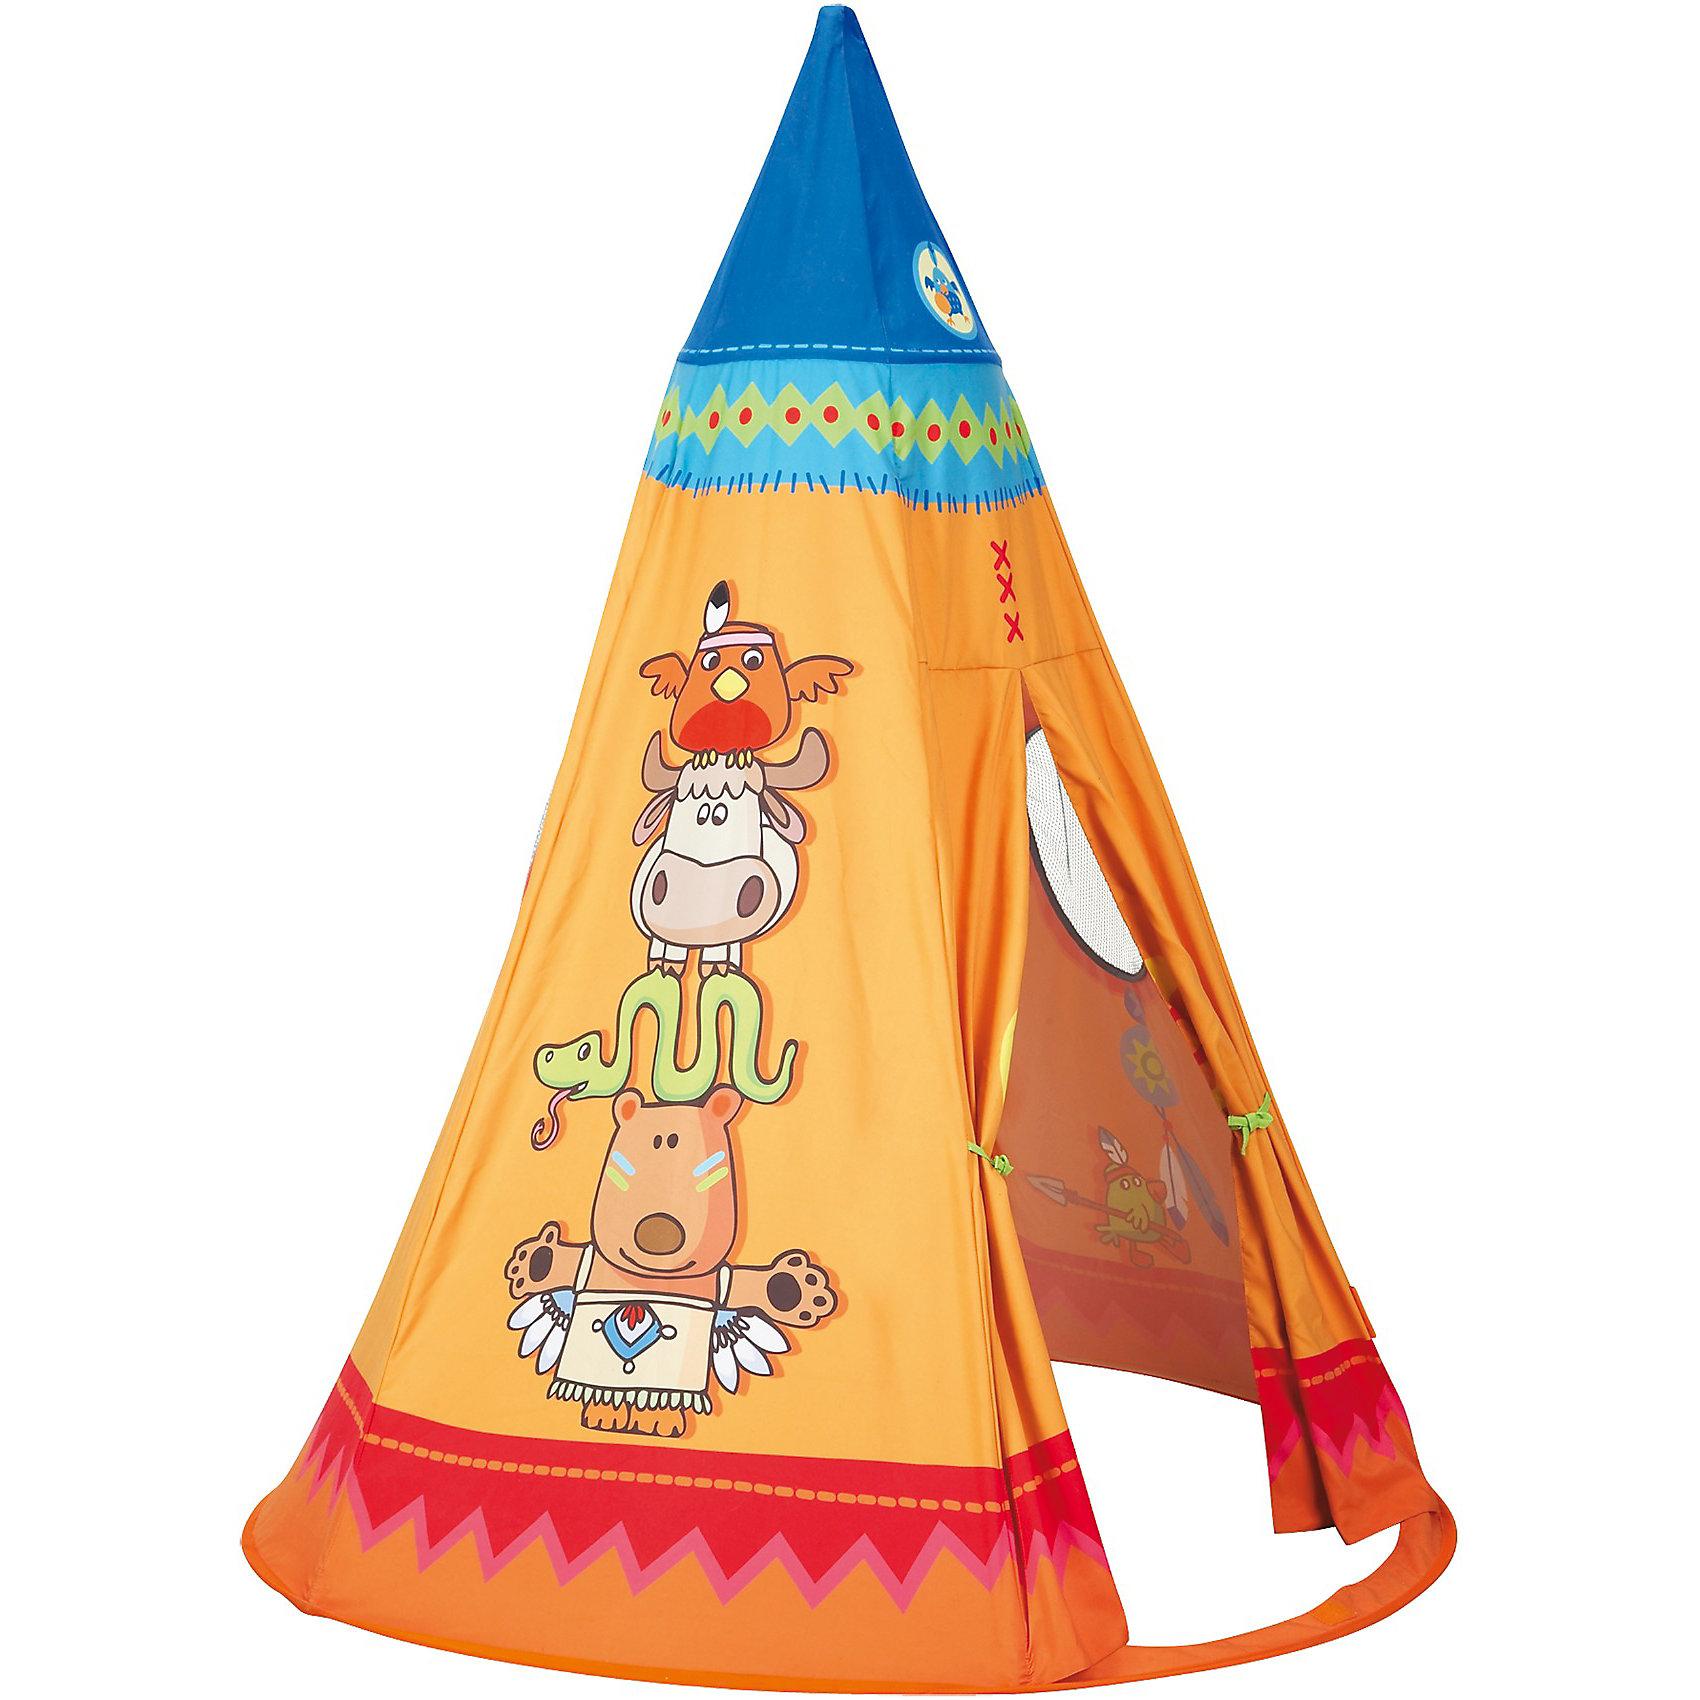 Neu Indianer HABA 8061 Spielzelt, Tipi, Indianer Neu 5138253 Orange 55084b